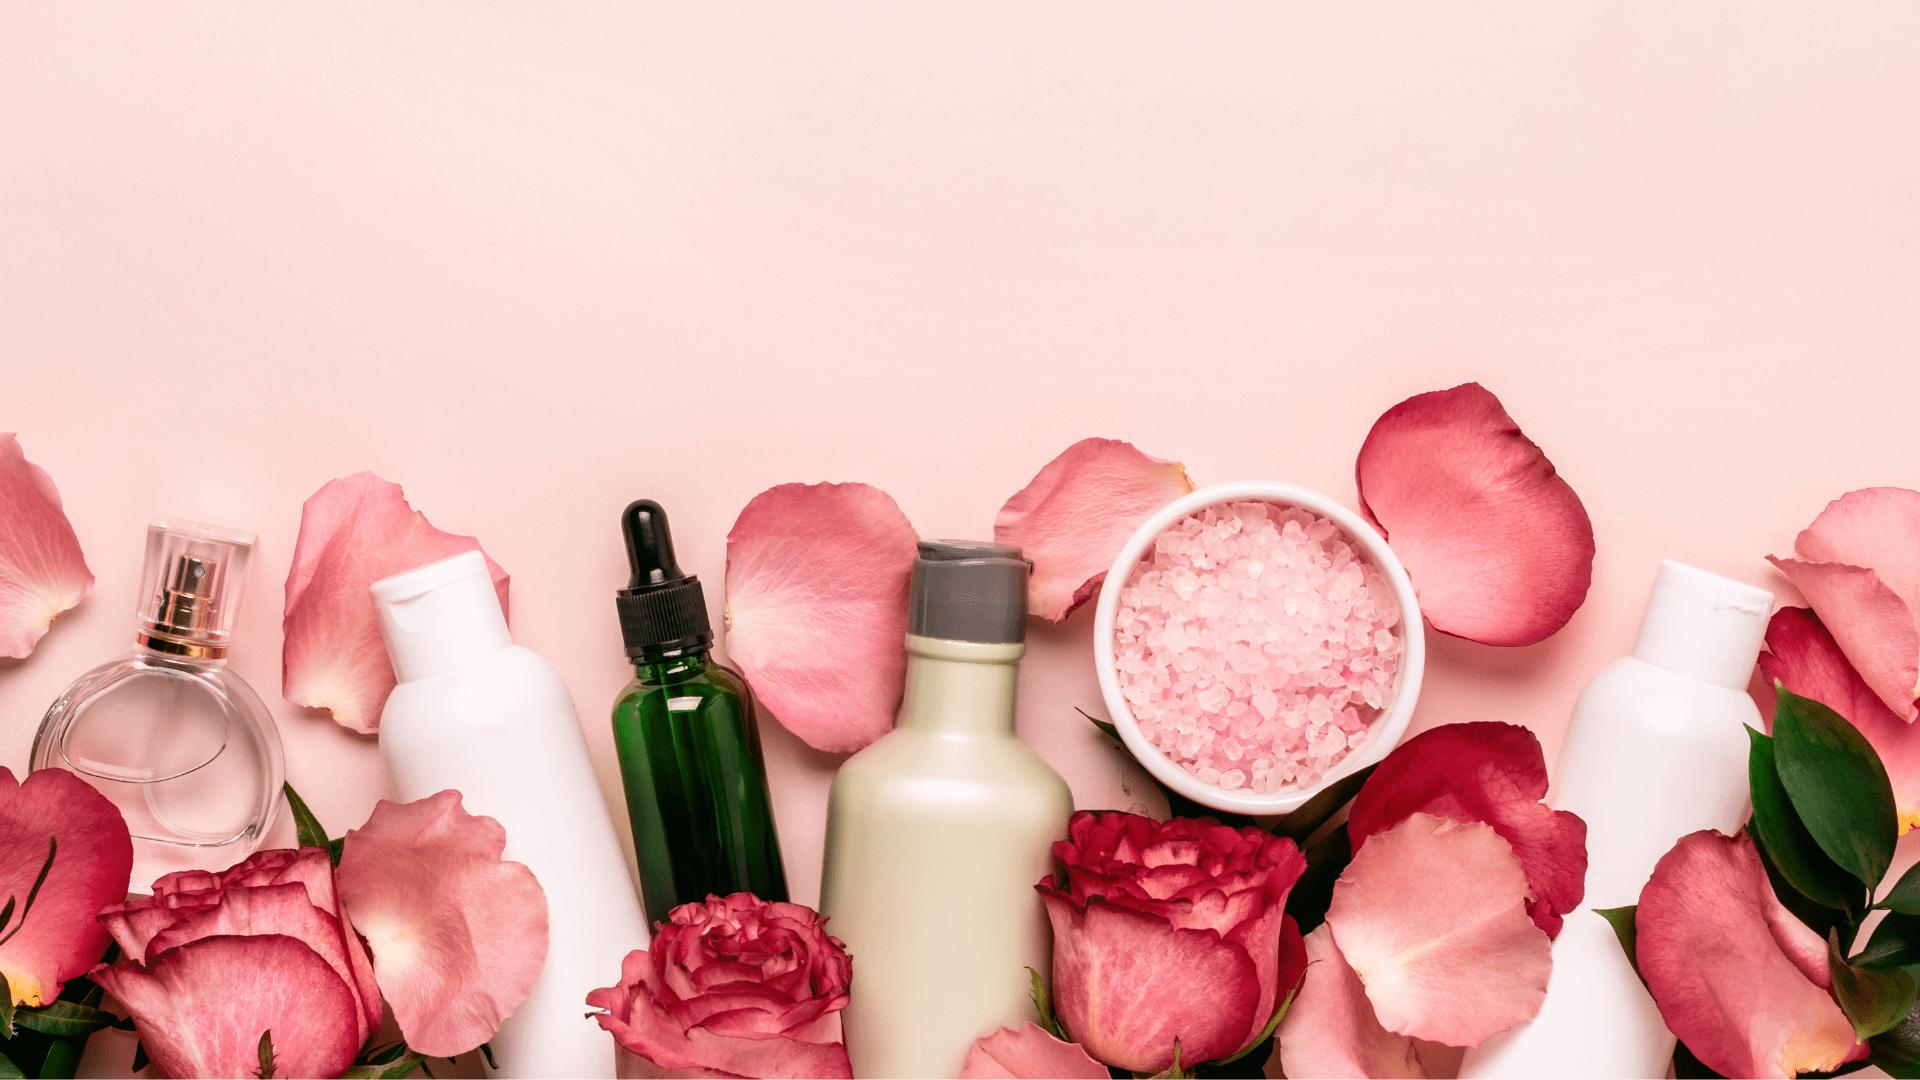 rutina de mañana para cuidar tu piel